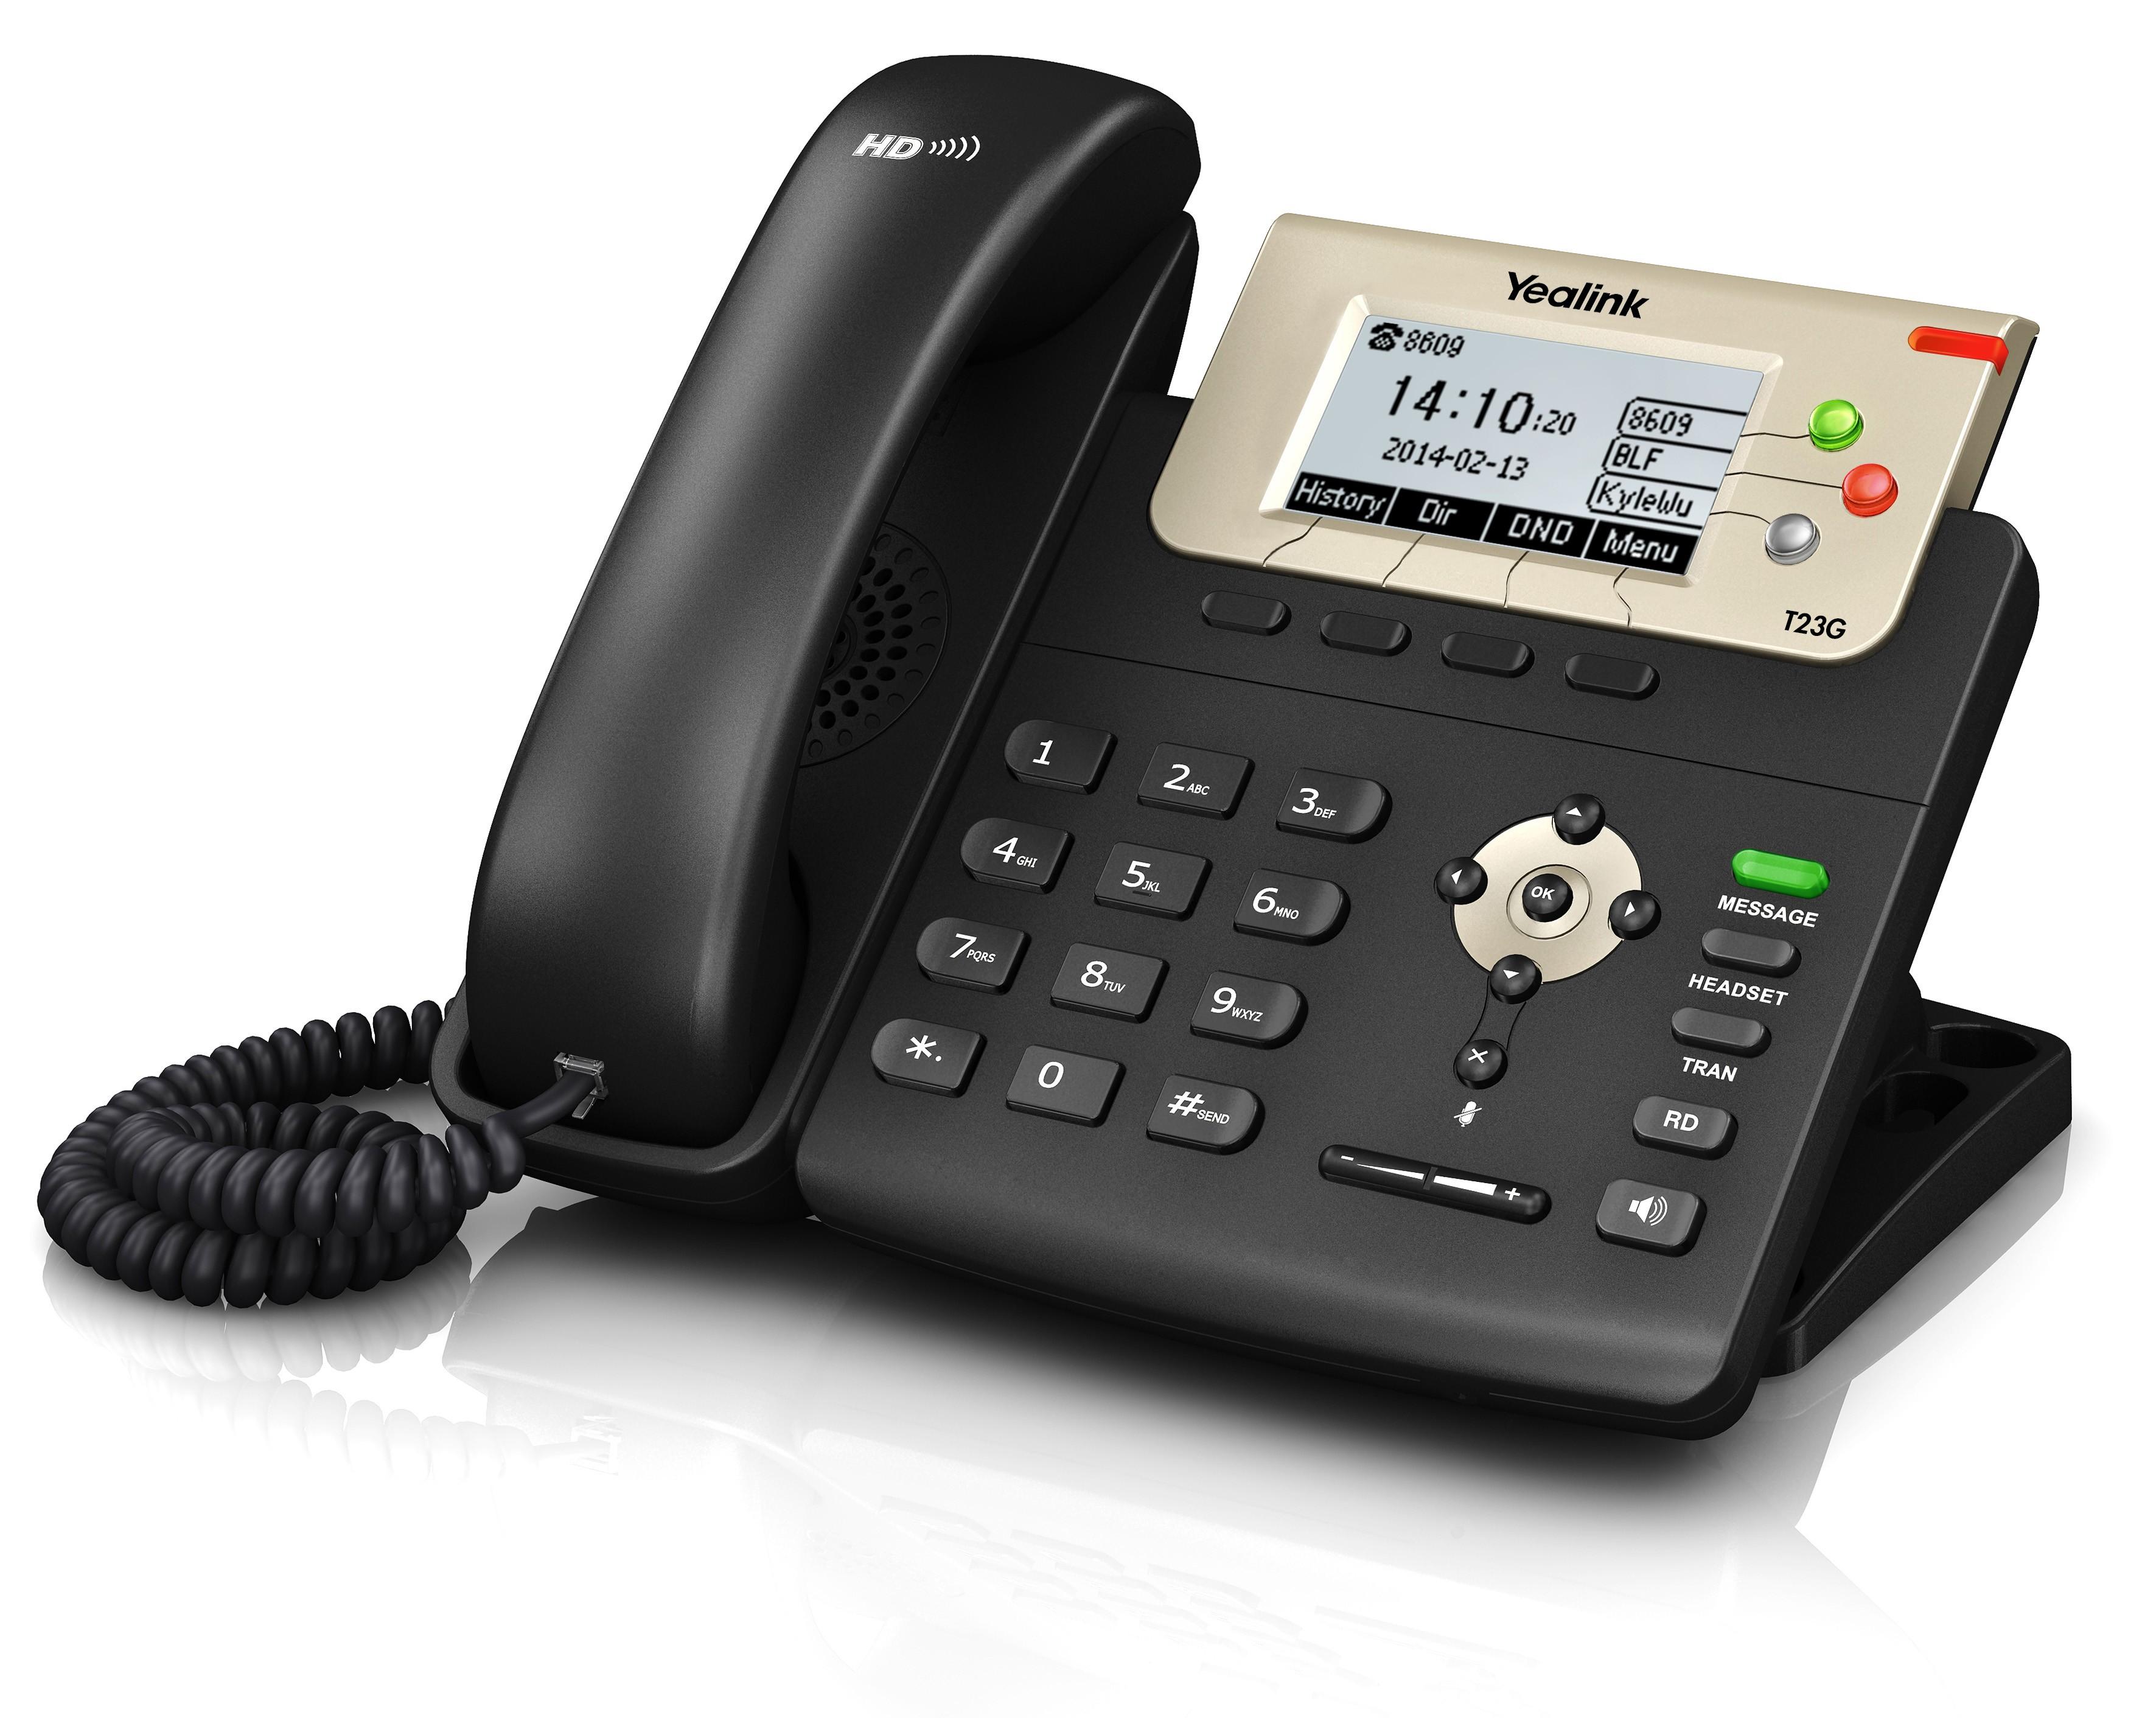 Yealink SIP T23G VoIP Telephone